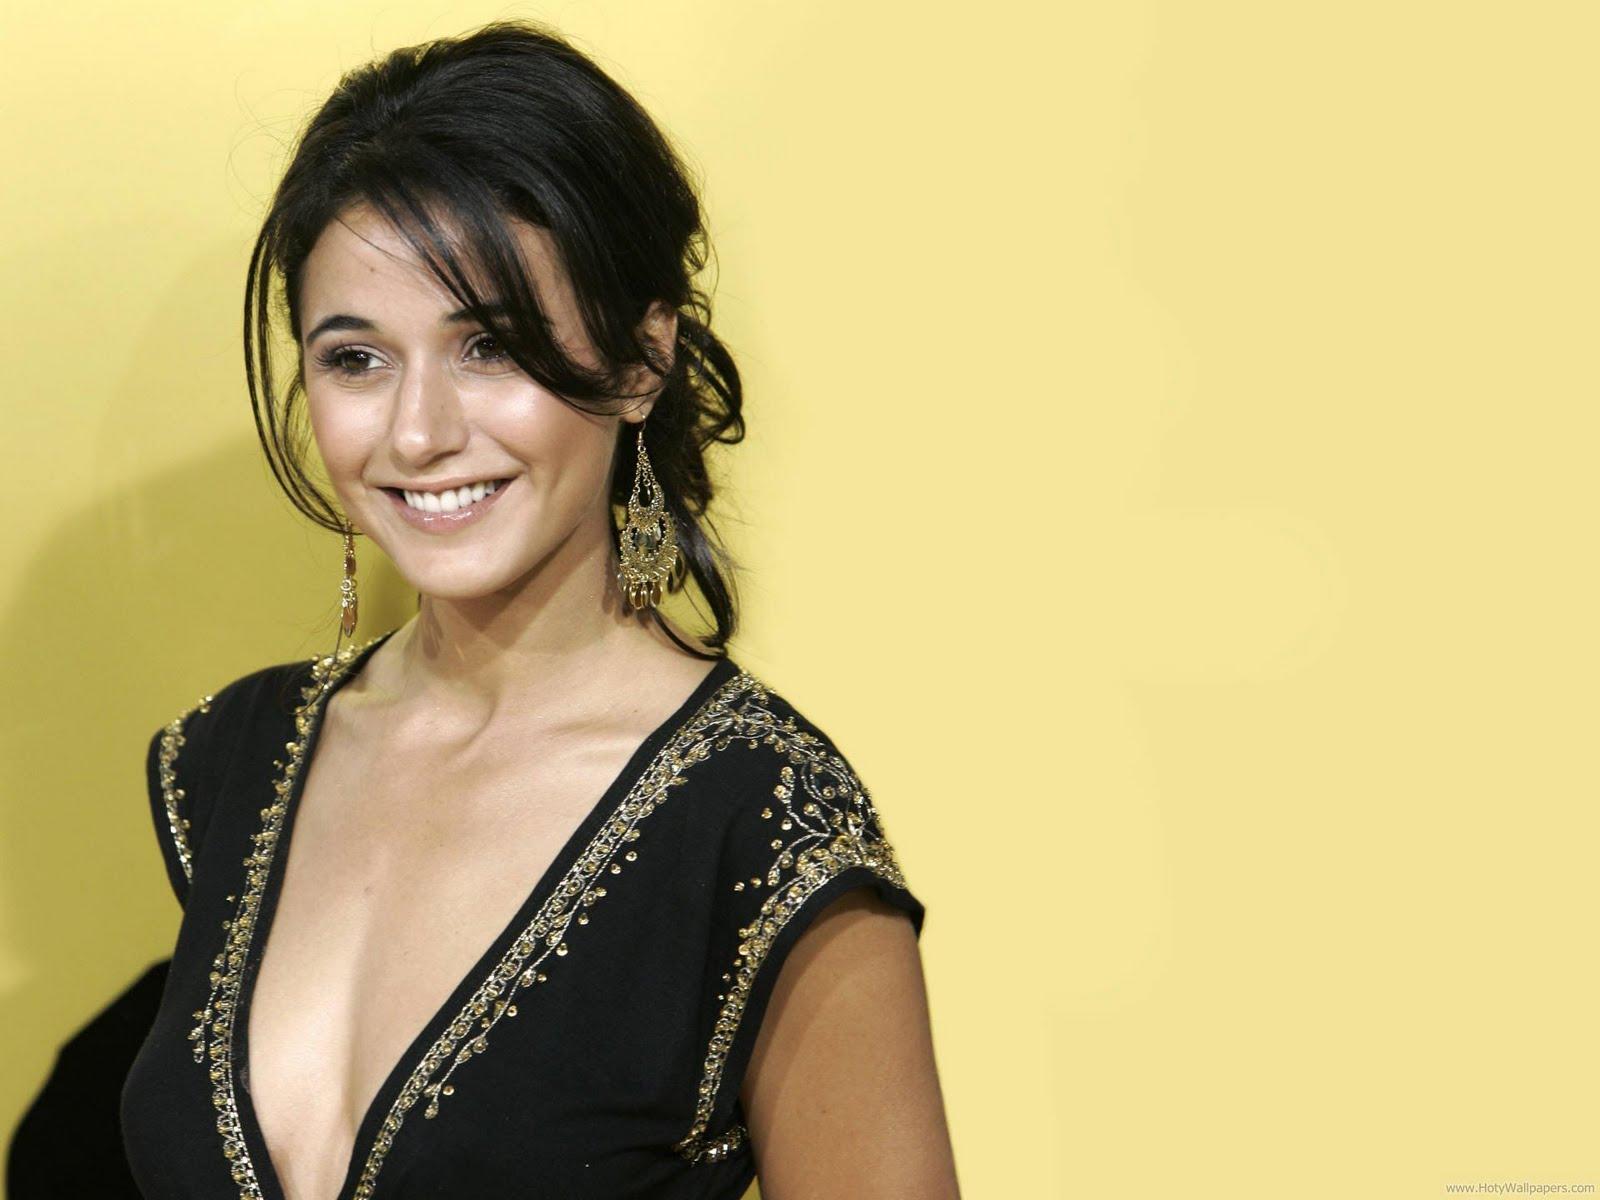 http://1.bp.blogspot.com/-lZ7mJwmP-pI/Tt96GgLBoiI/AAAAAAAACfQ/aYRCRIKobgY/s1600/emmanuelle_chriqui_actress_wallpaper-1600x1200.jpg